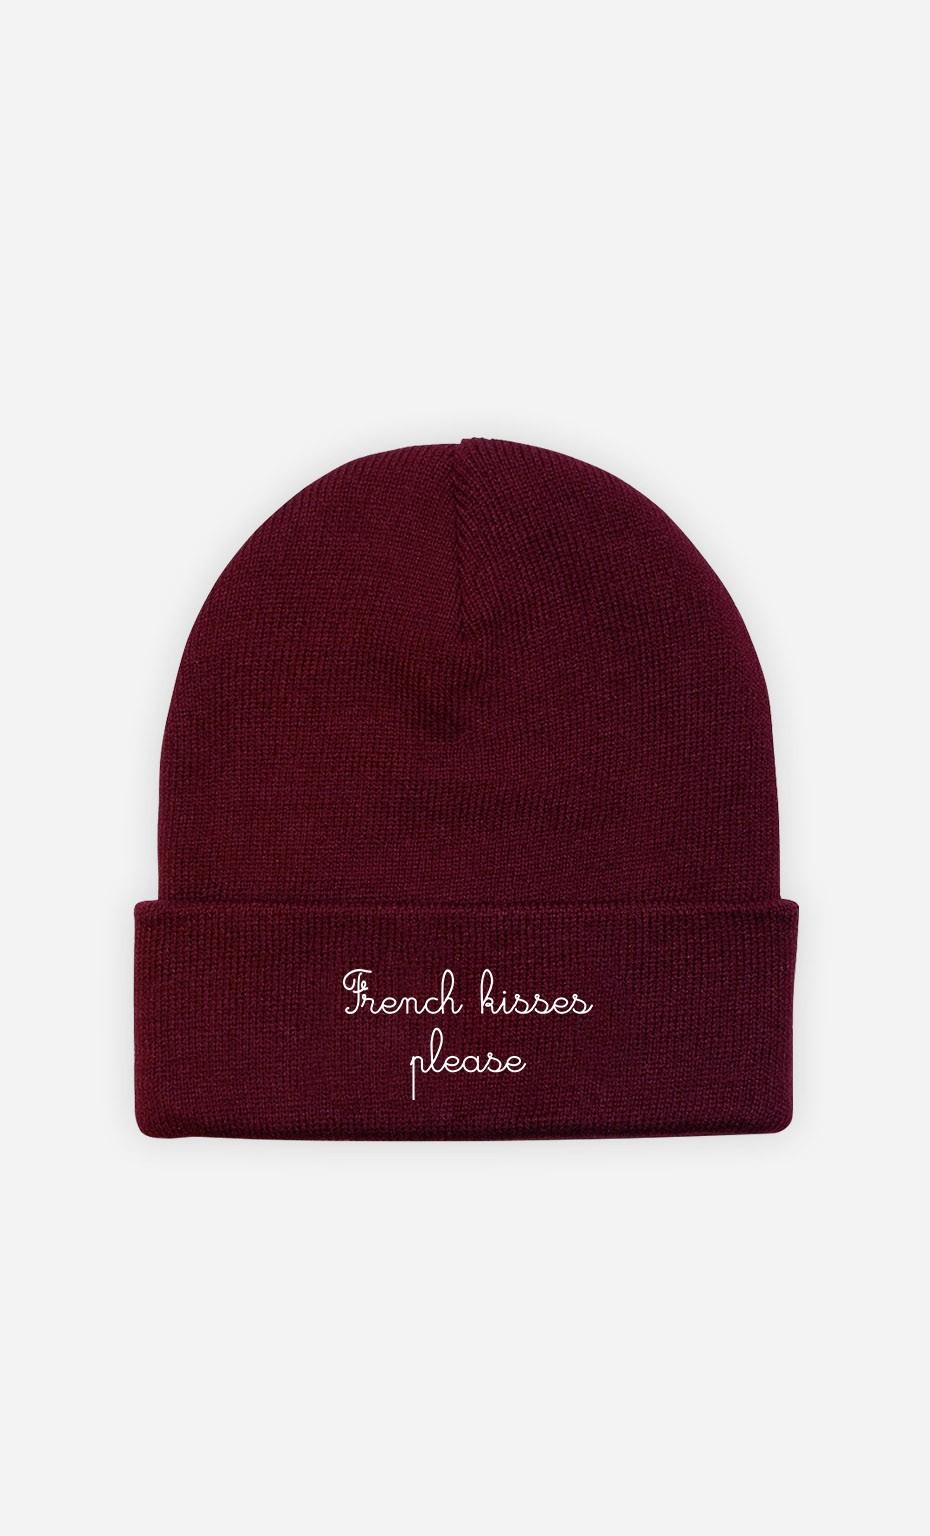 Bonnet French Kisses Please